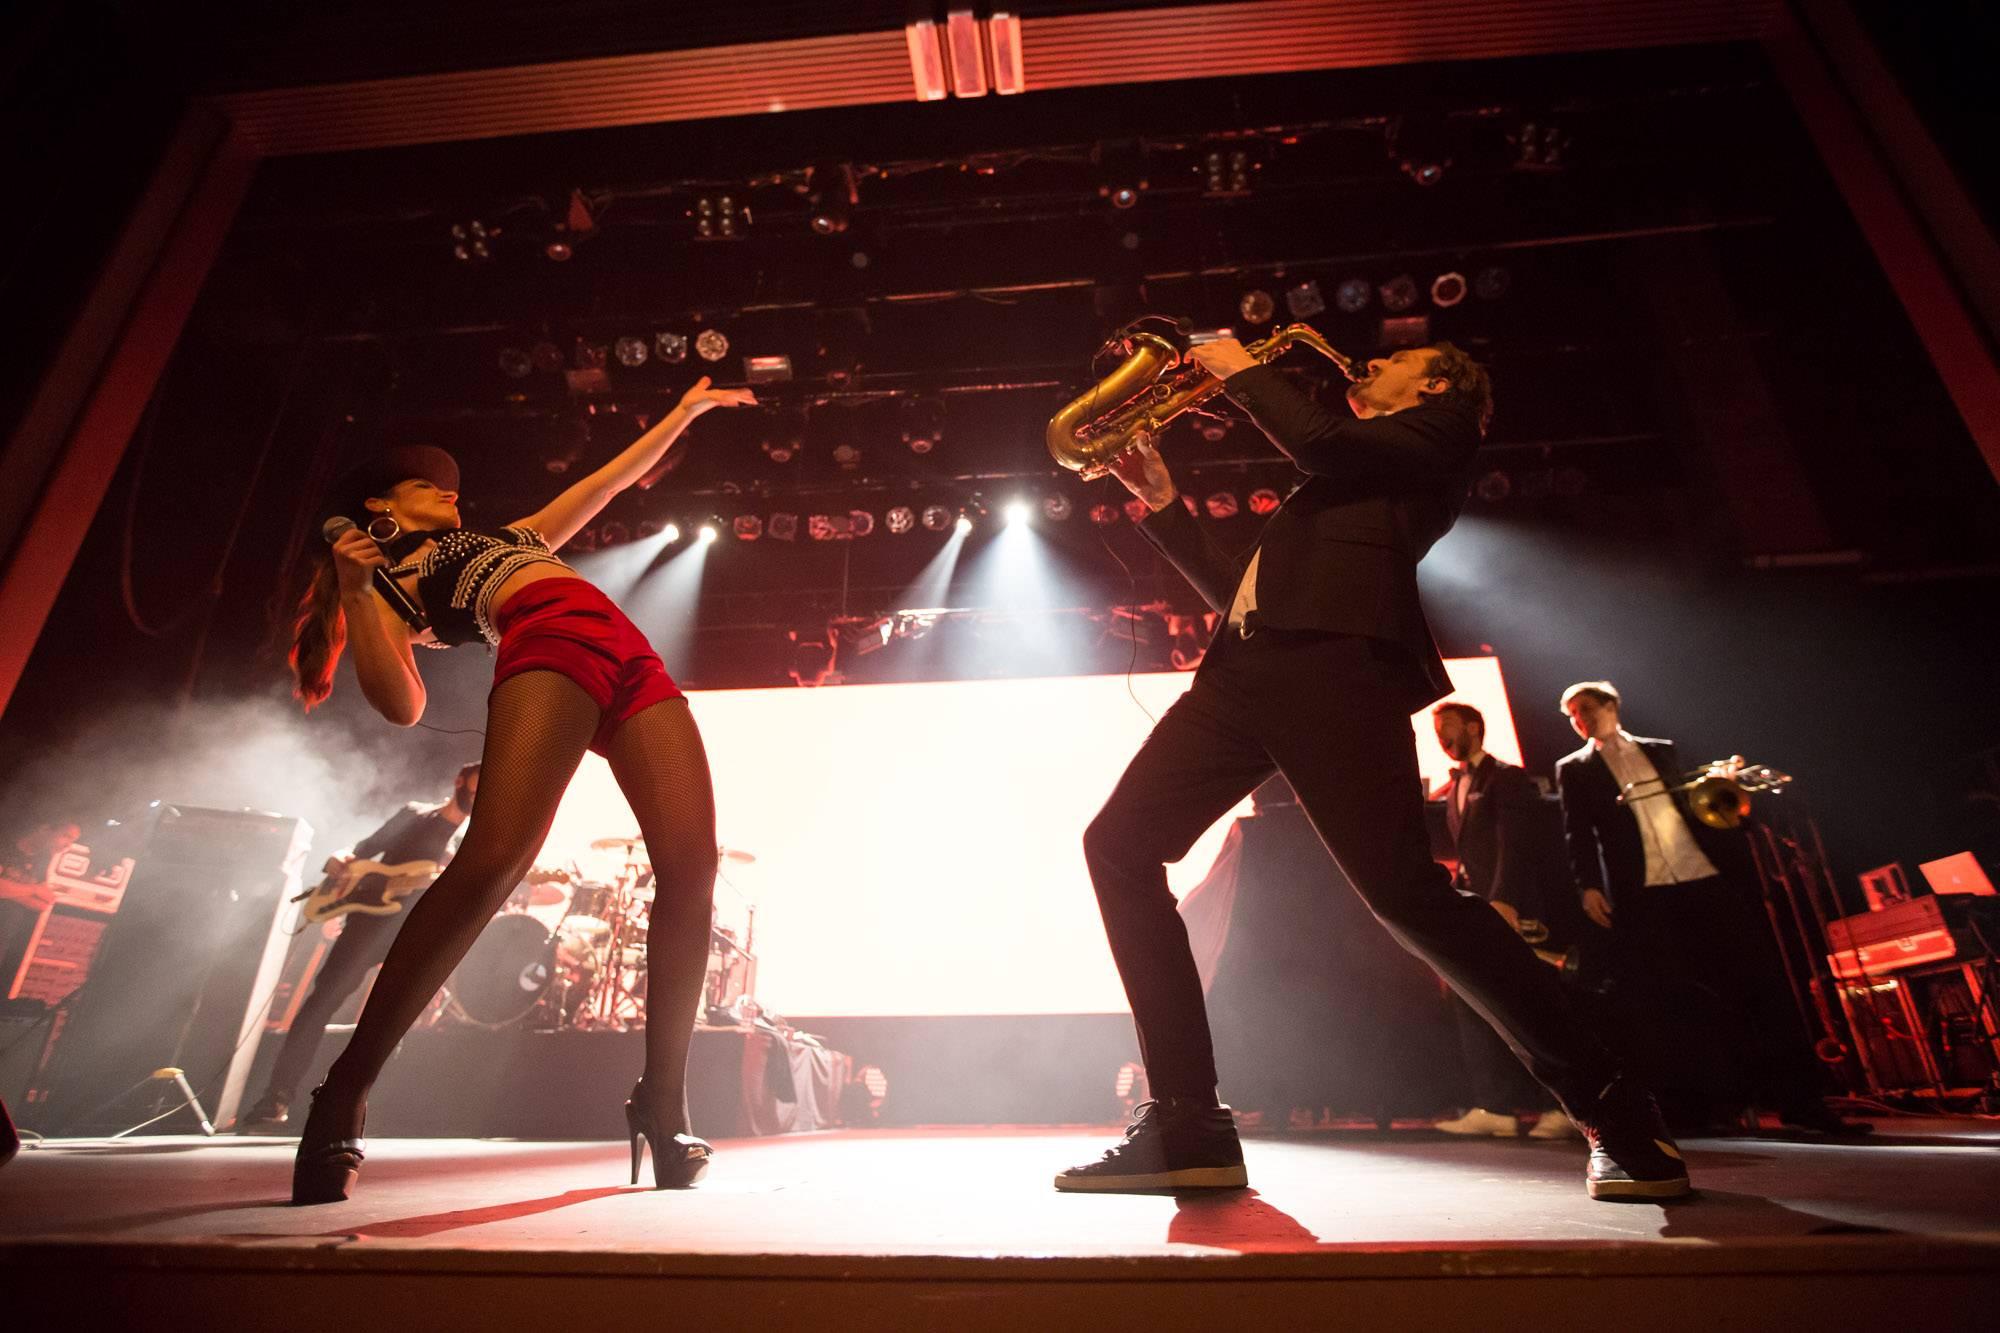 Parov Stelar at the Vogue Theatre, Vancouver, Apr. 19 2016. Kirk Chantraine photo.